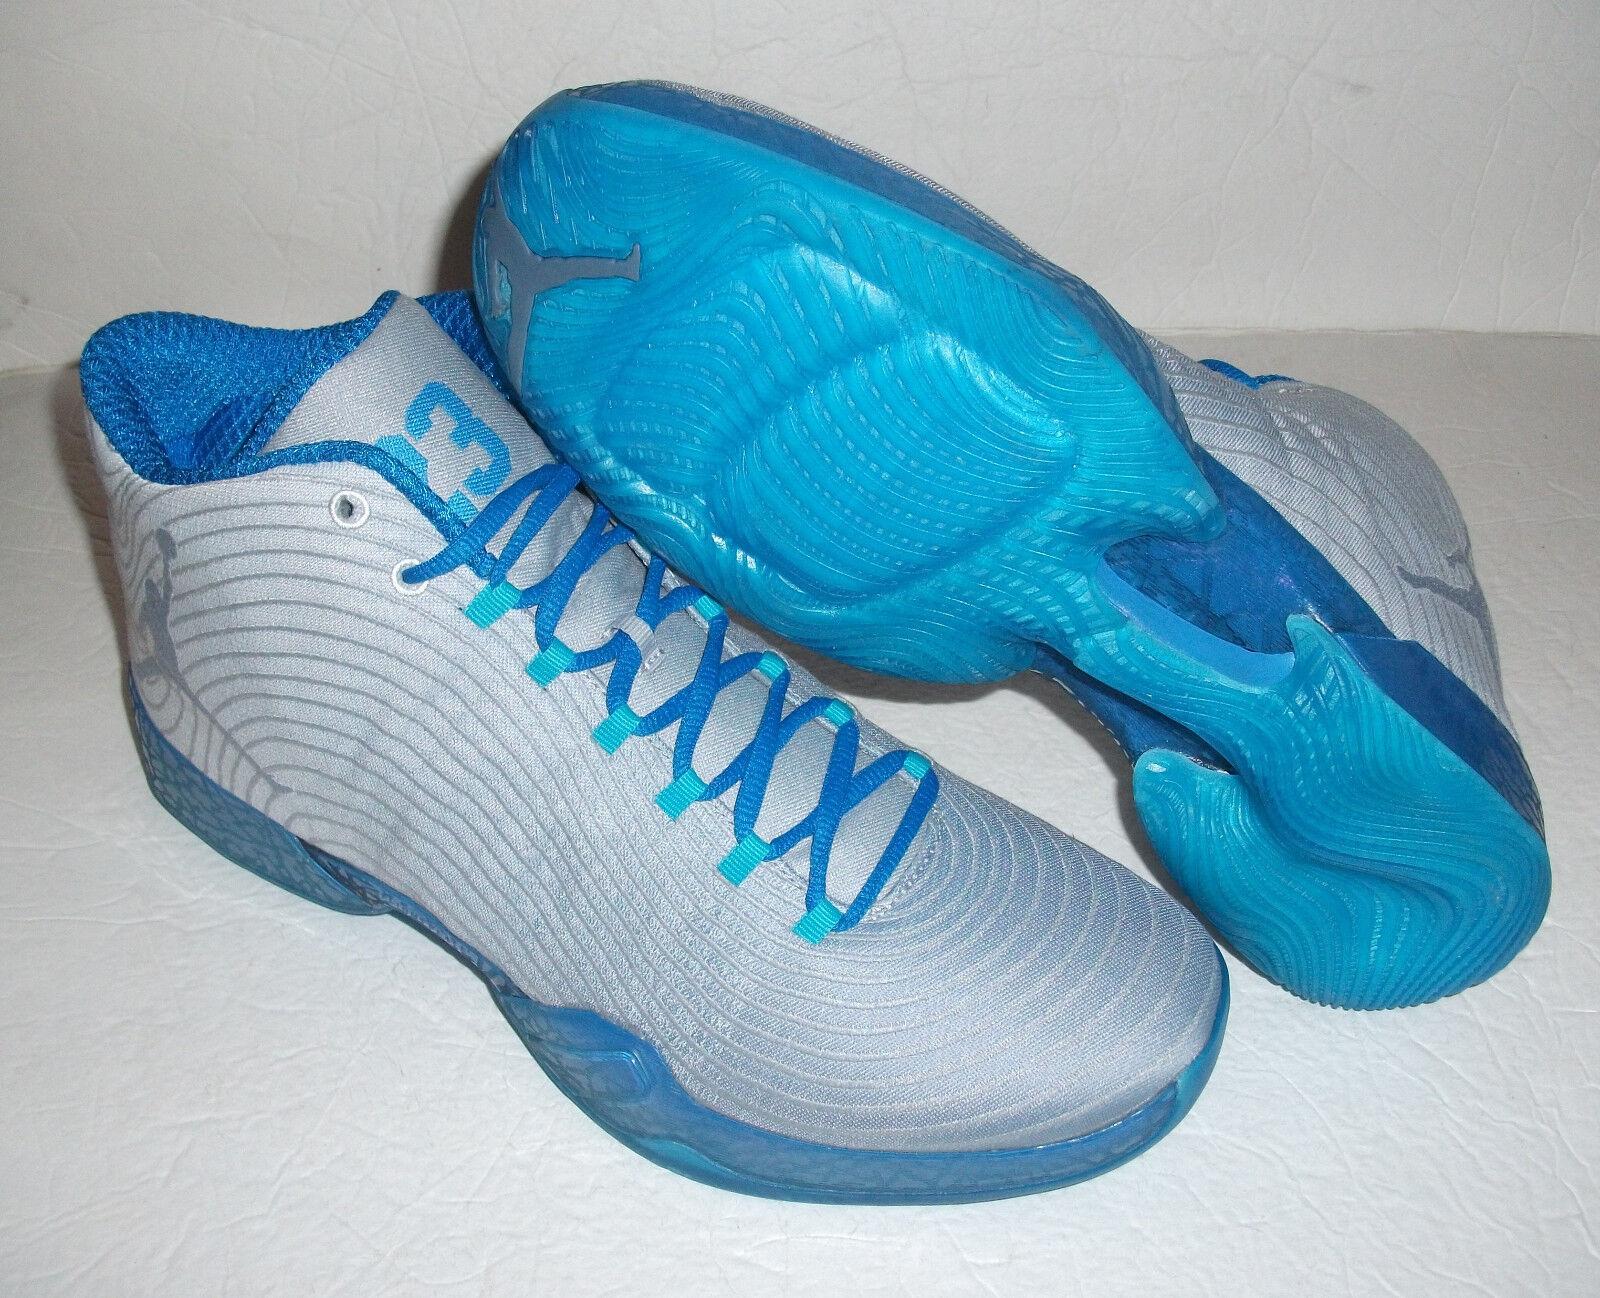 Aria nuova jordan xx9 29 - pack, uomo numero 14, grigio / blu, 749143 104